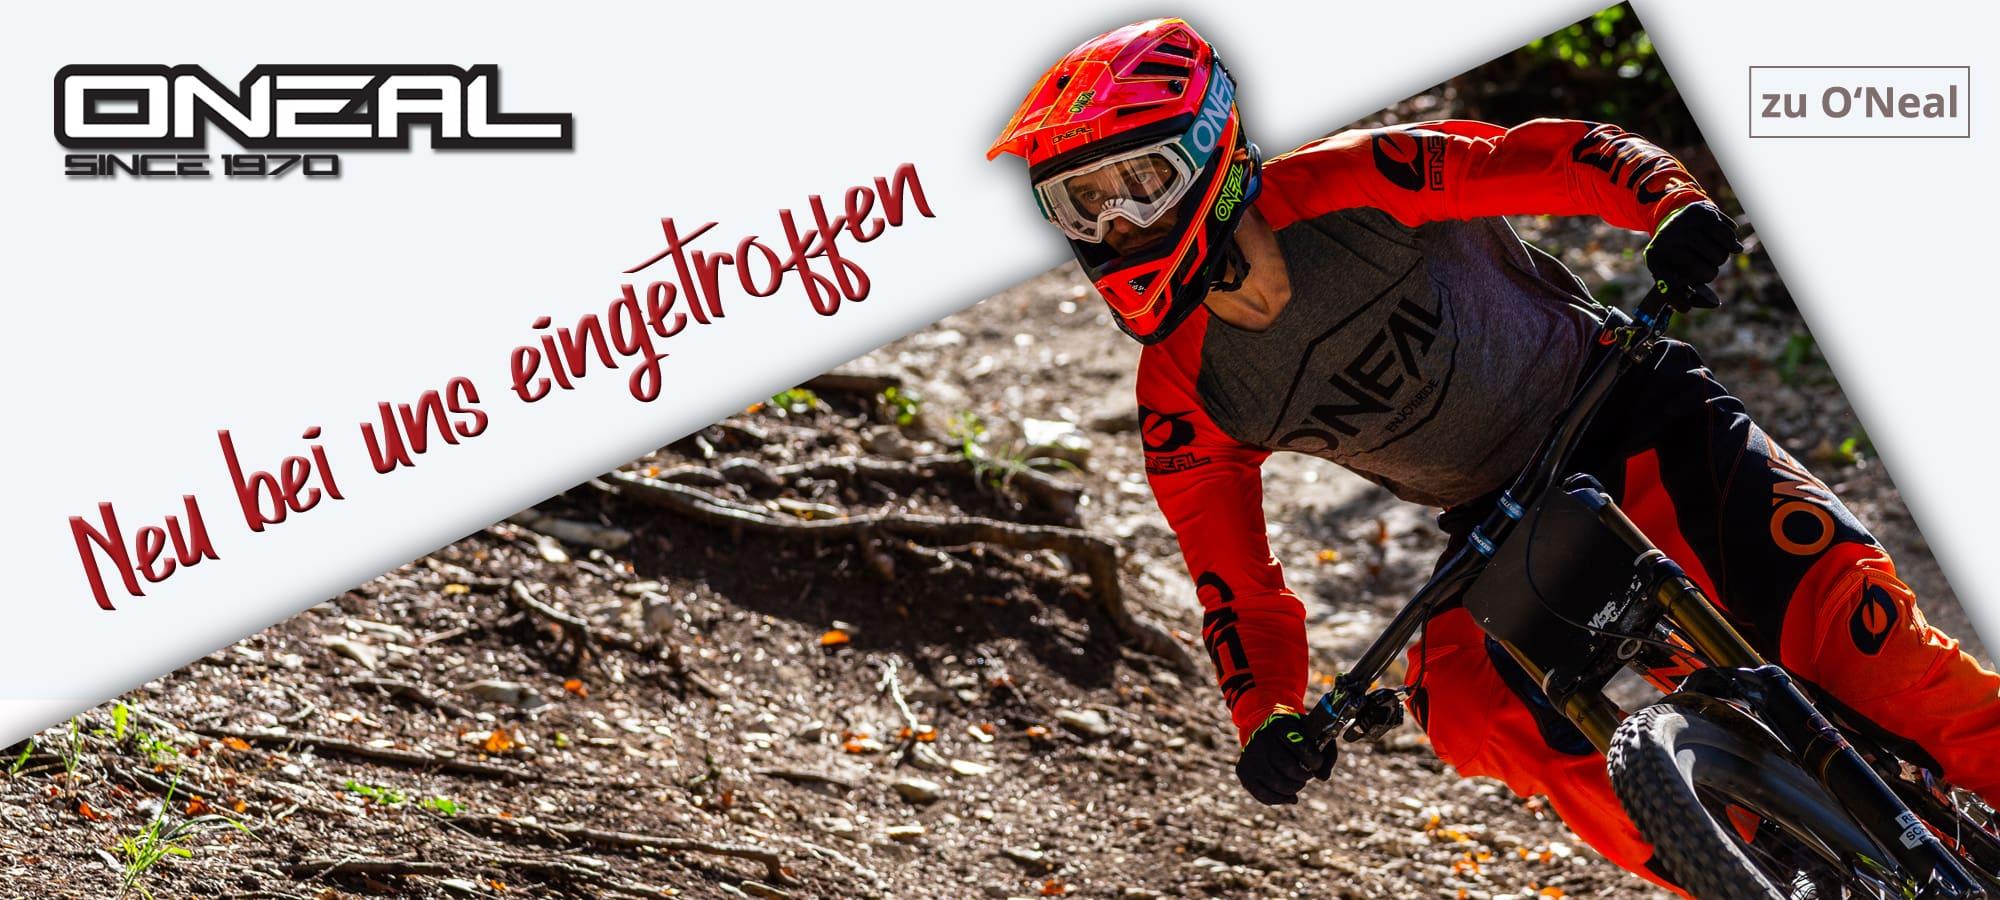 O'Neal - Mountainbike Bekleidung, MTB-Radhelme, Protektoren und Zubehör